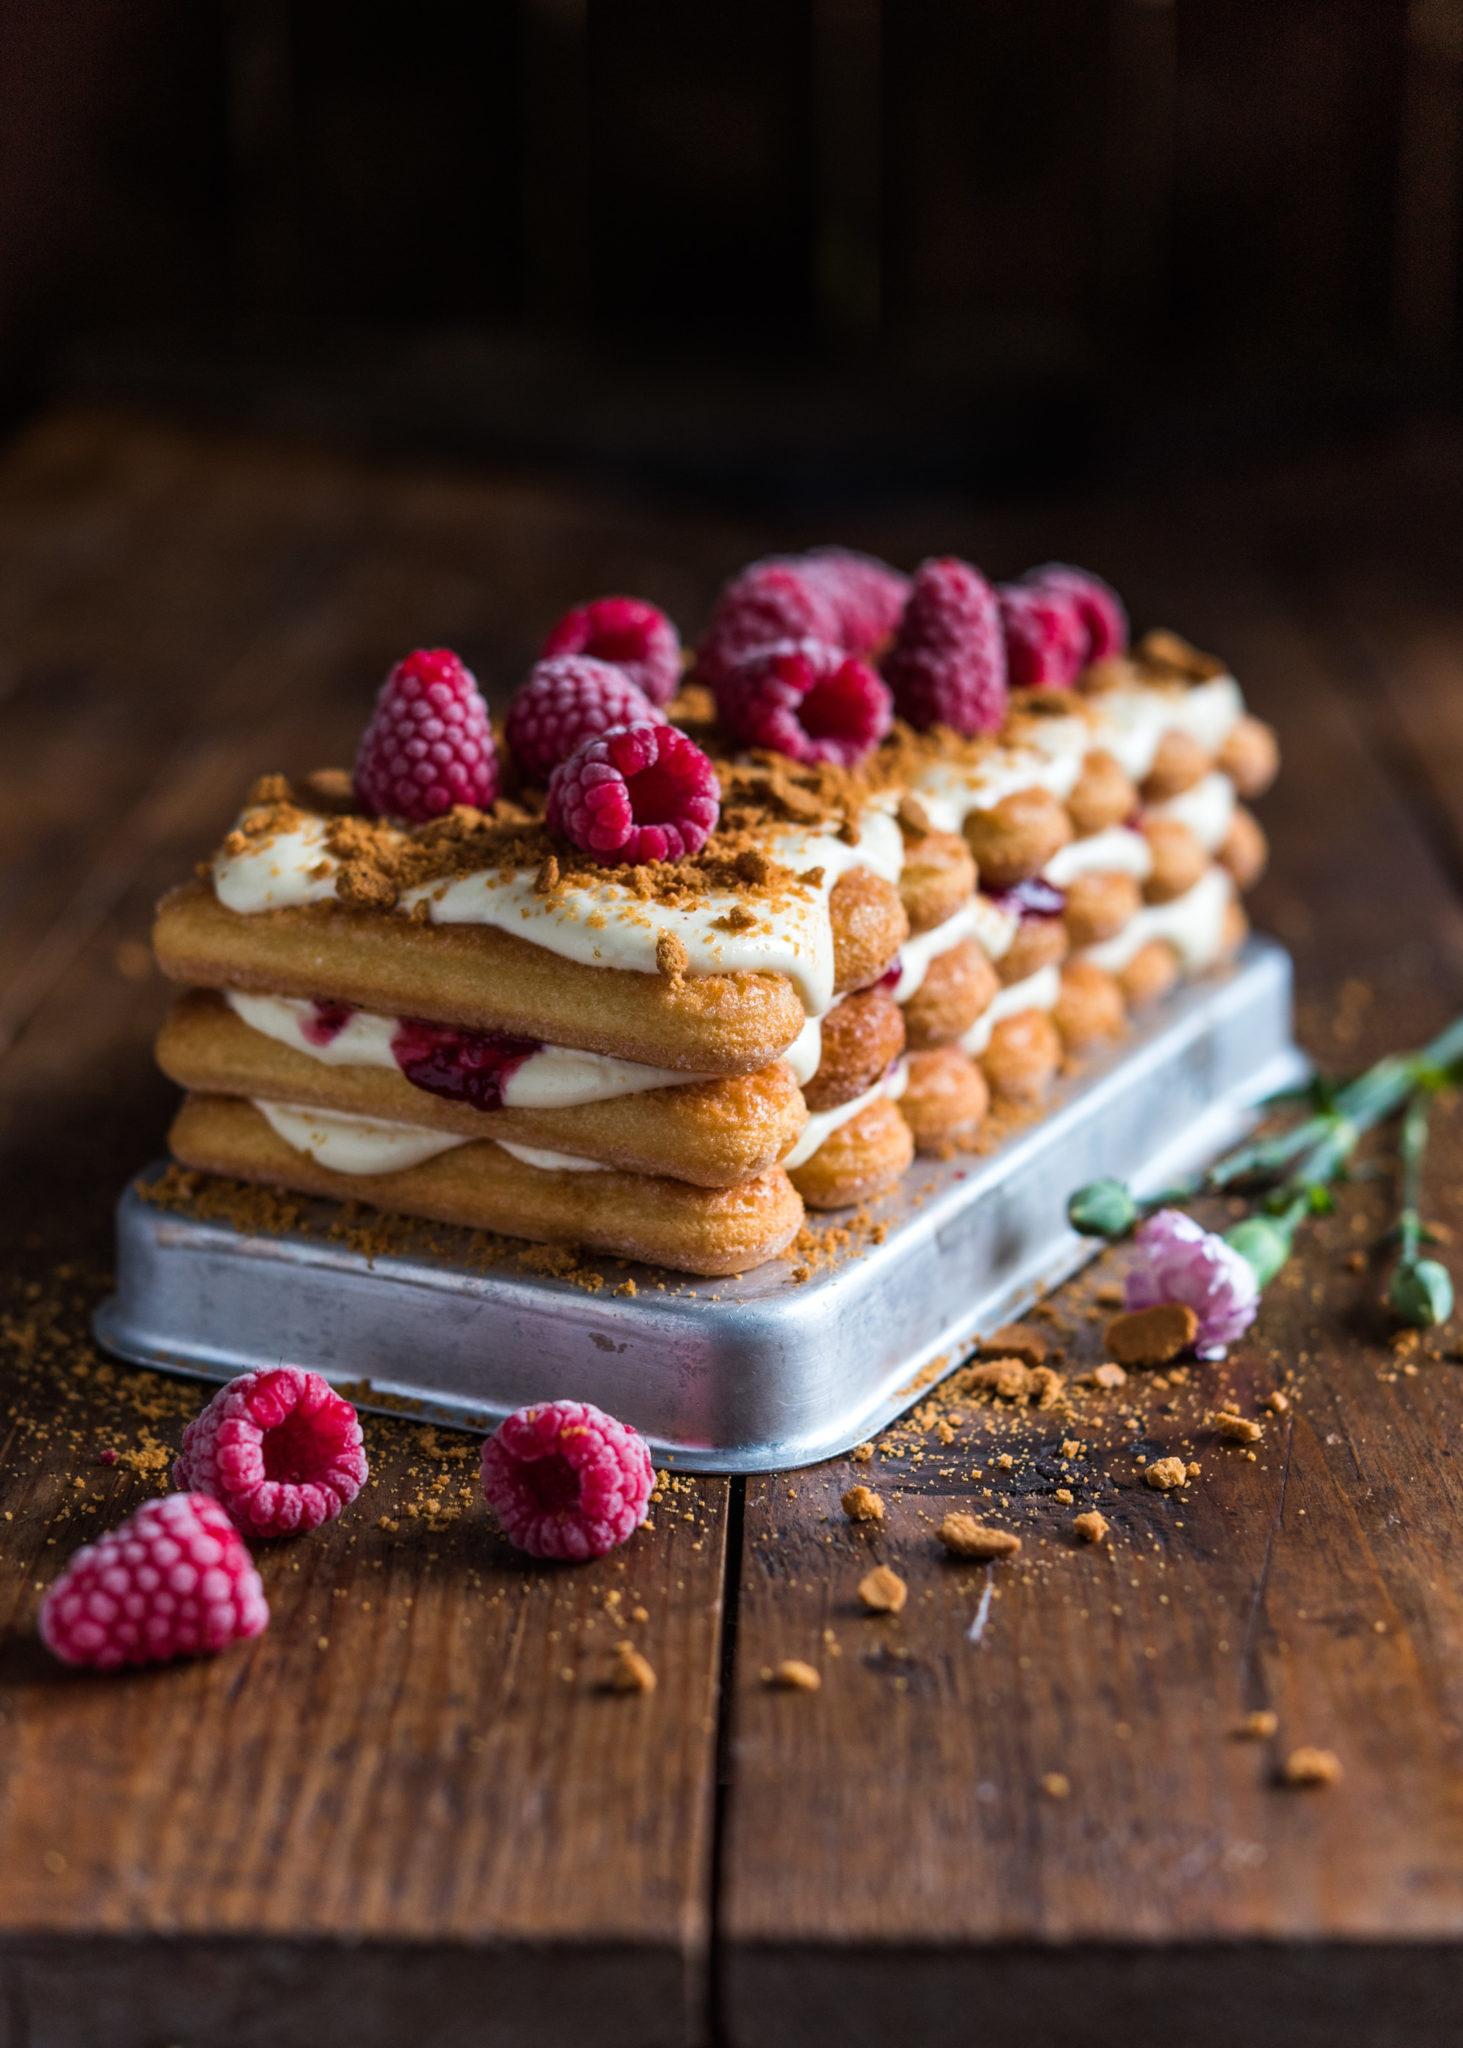 Runebergin tiramisu-kakku